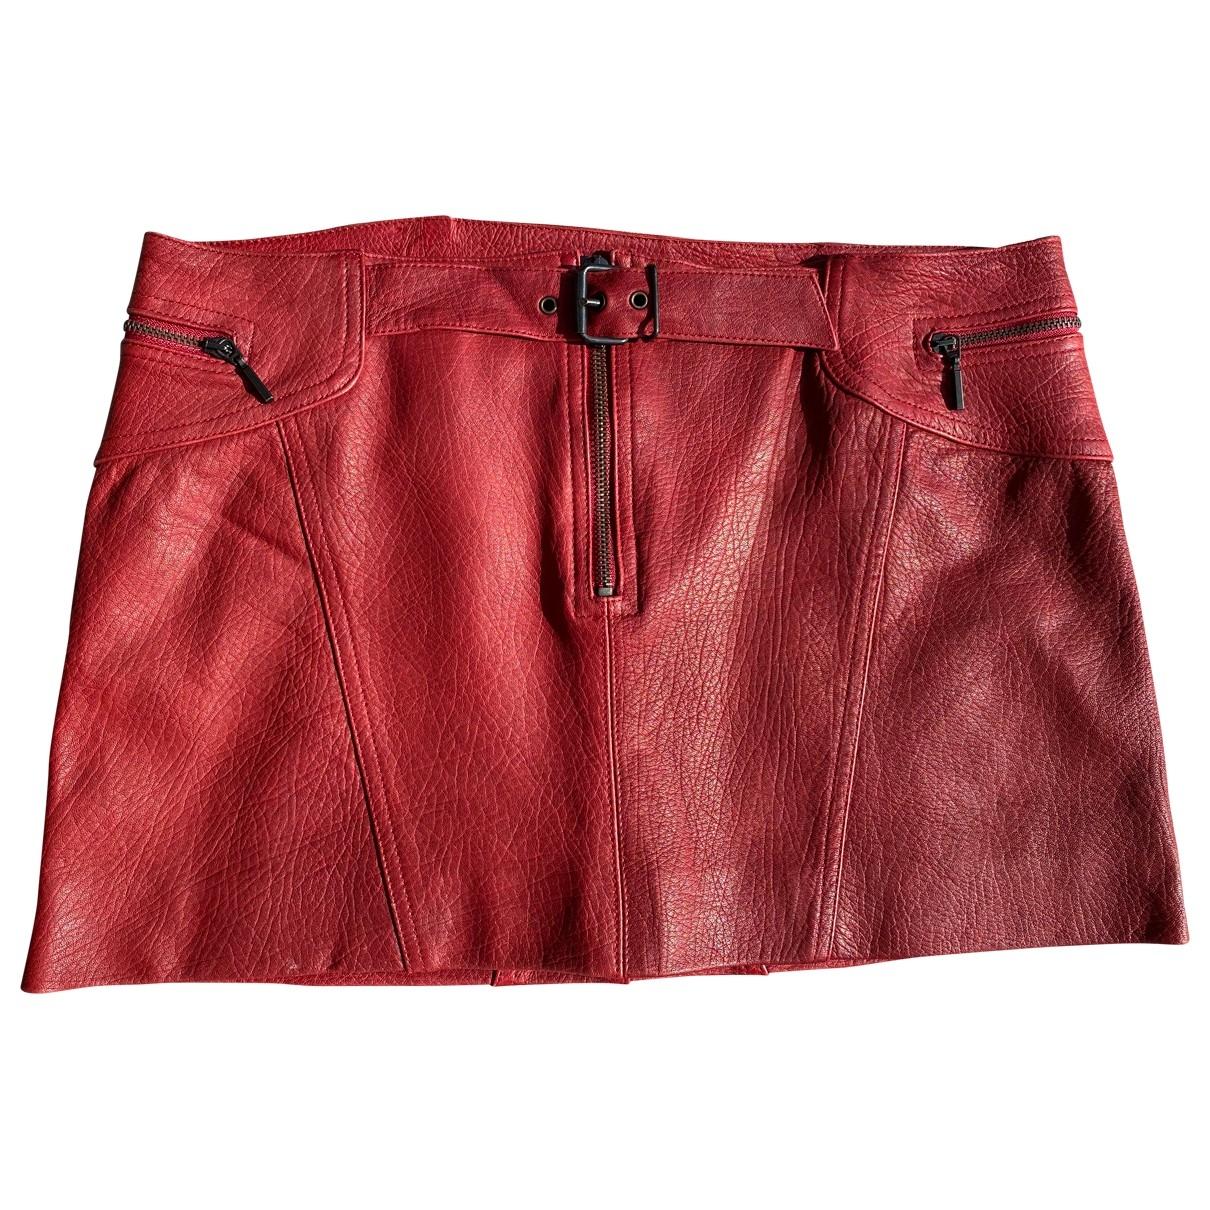 Mini falda de Cuero Plein Sud